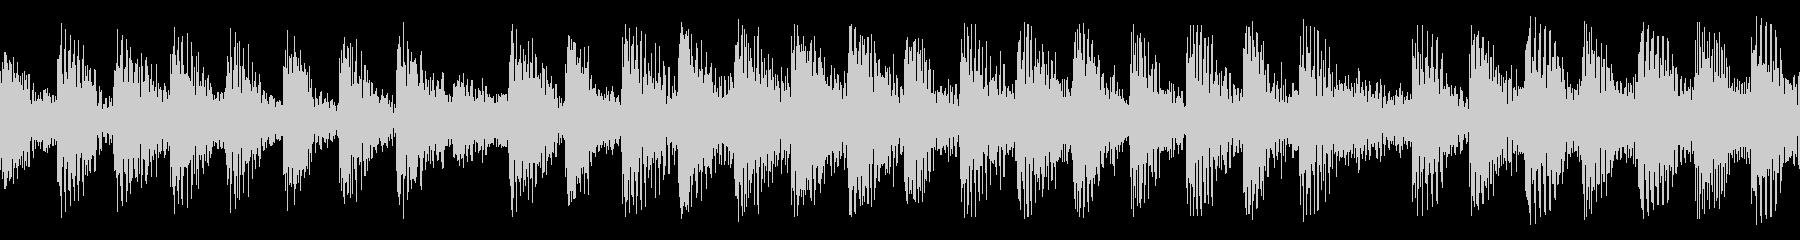 メロディックハウス/ダンス/グルー...の未再生の波形